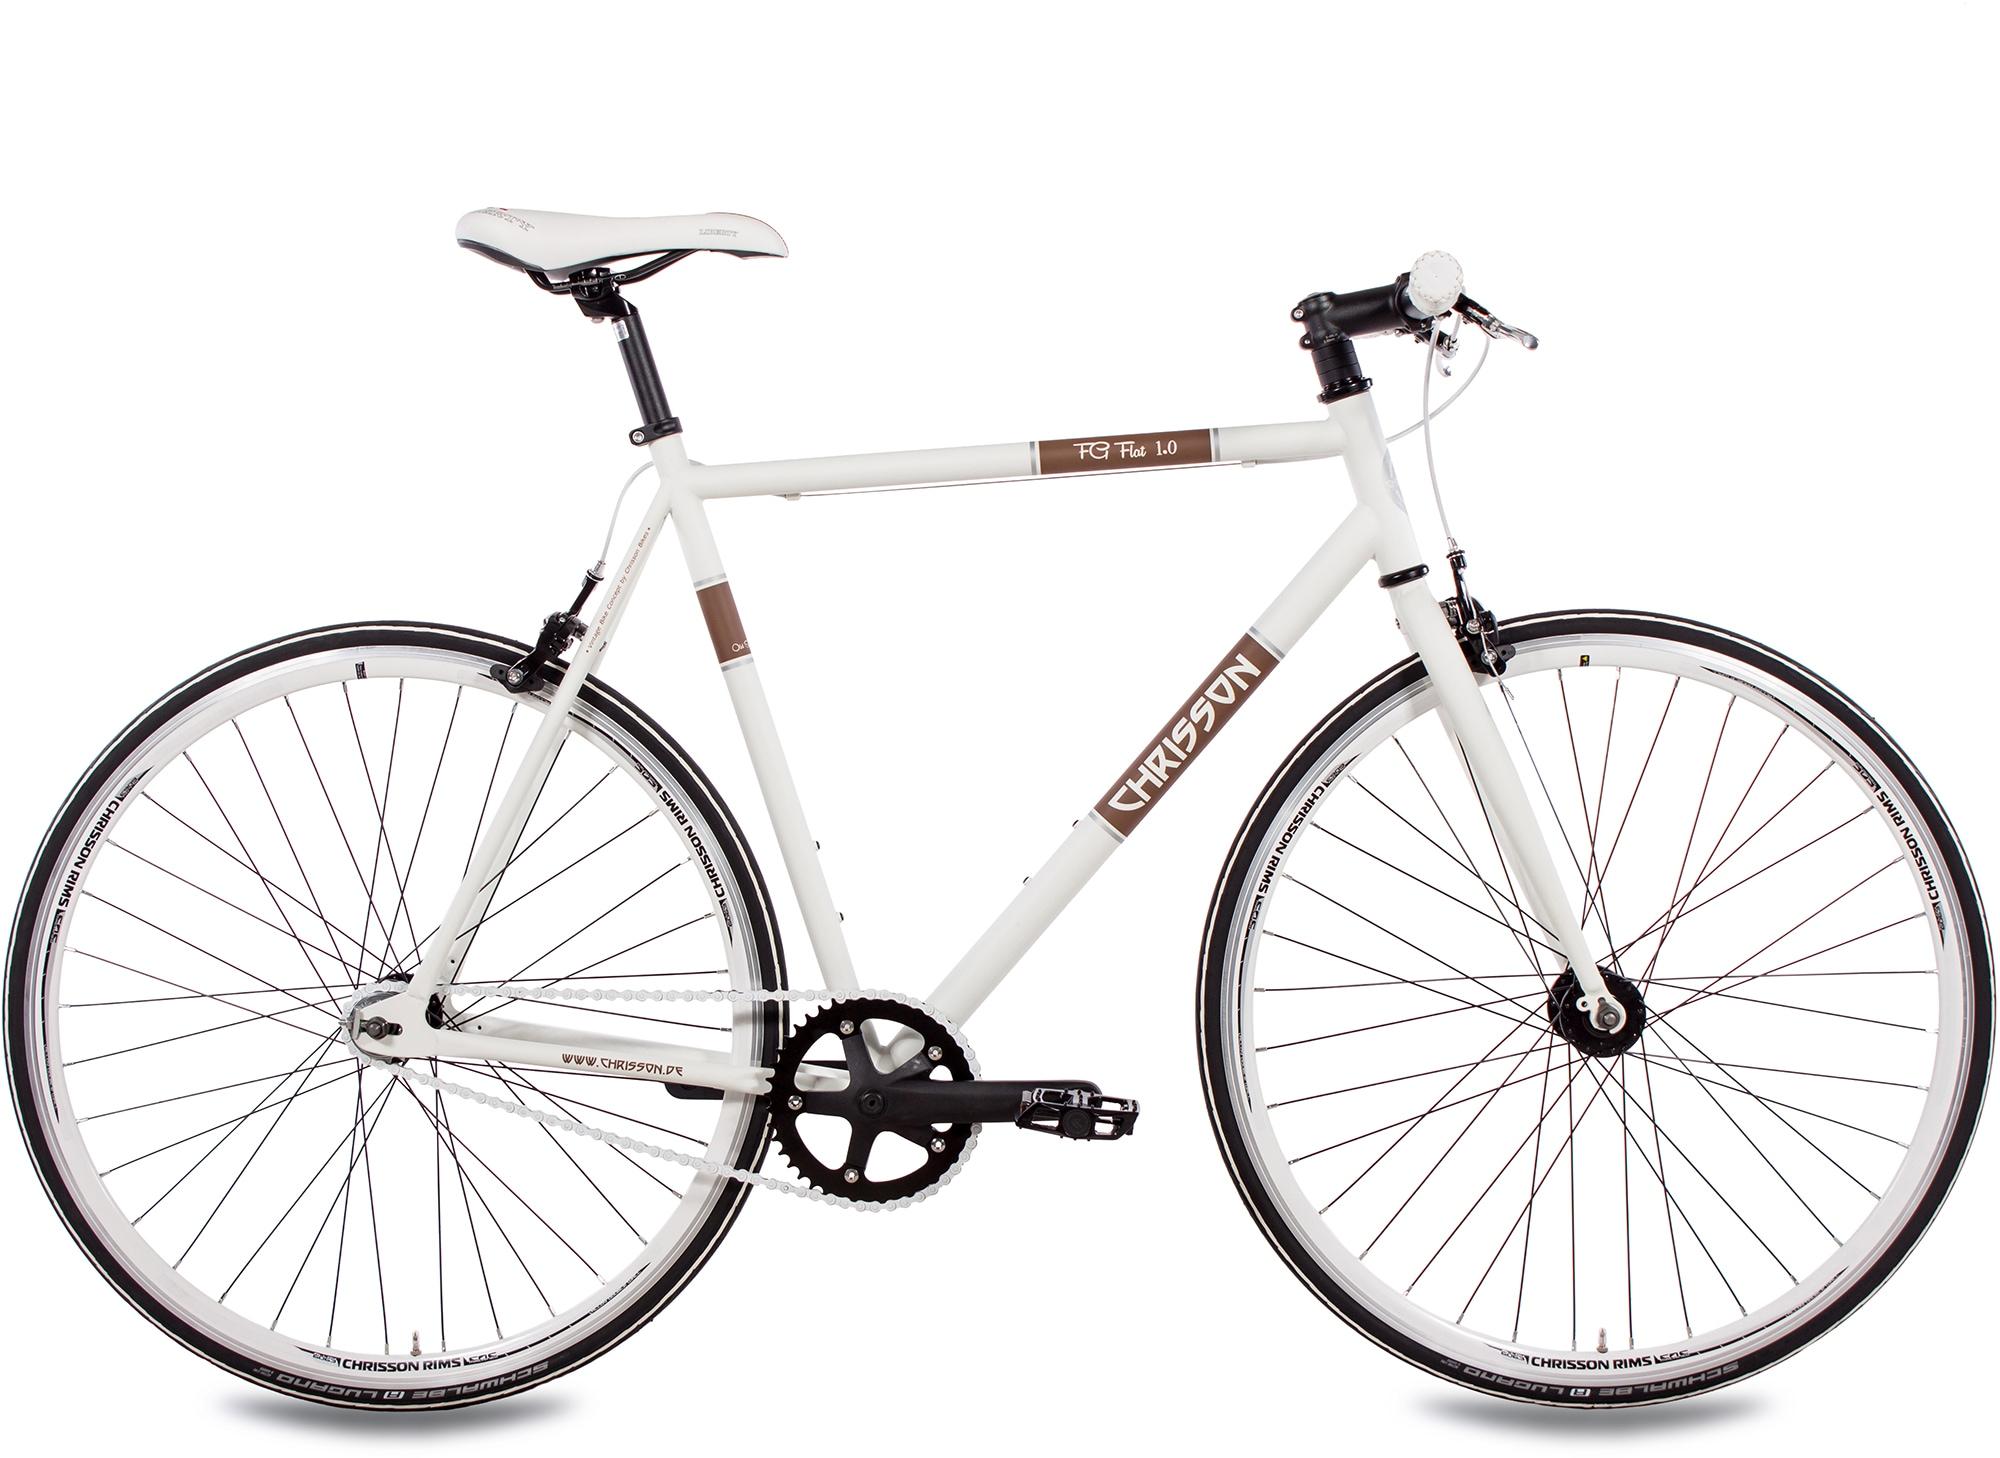 Chrisson Singlespeed FG Flat 1.0, ohne Schaltung, (1 tlg.) weiß Fahrräder Zubehör Fahrrad